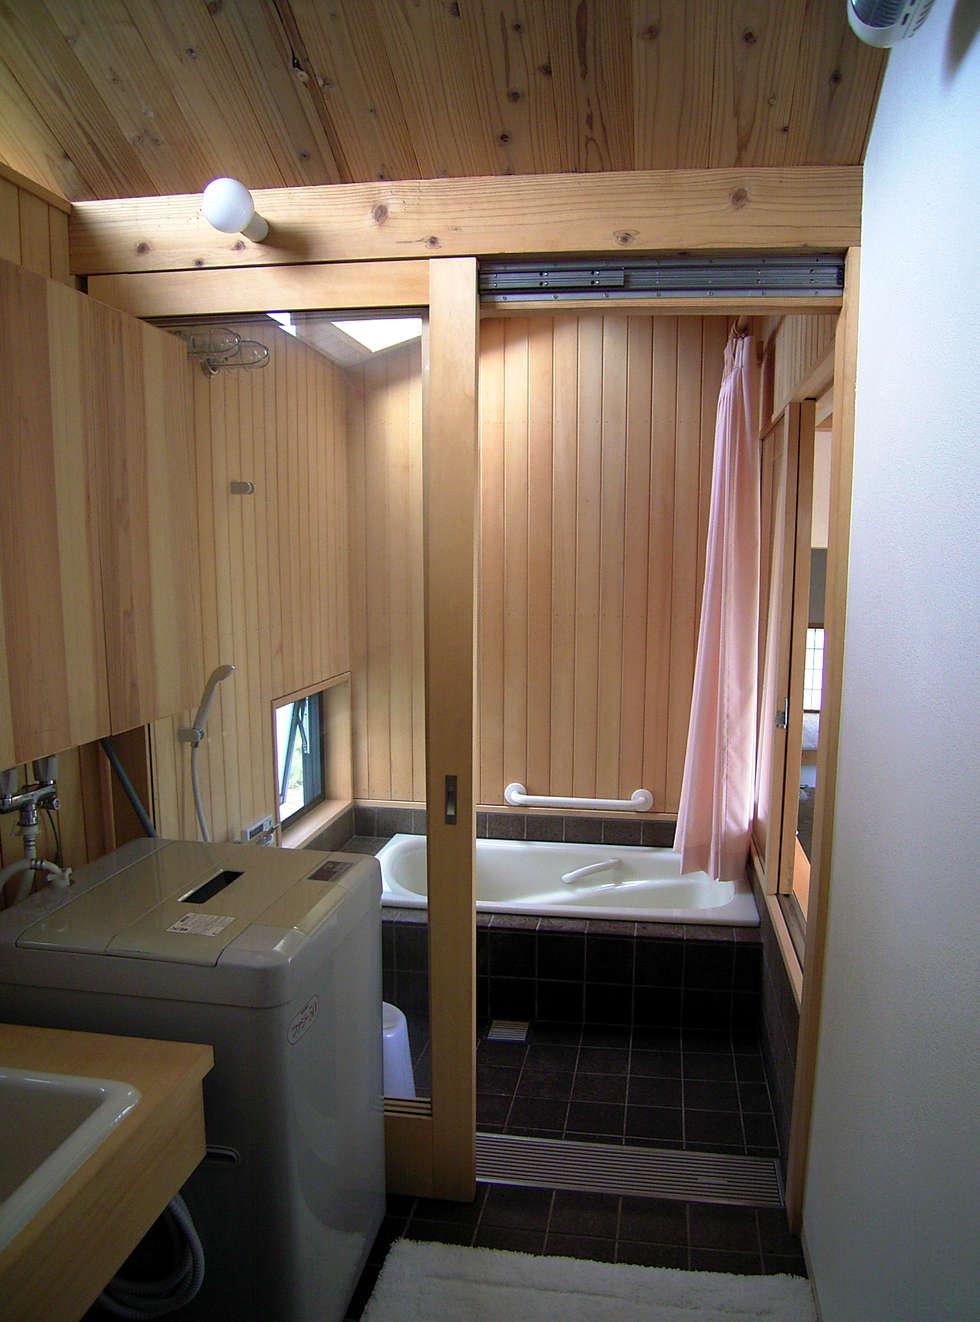 浴室: 計画工房 辿が手掛けた浴室です。